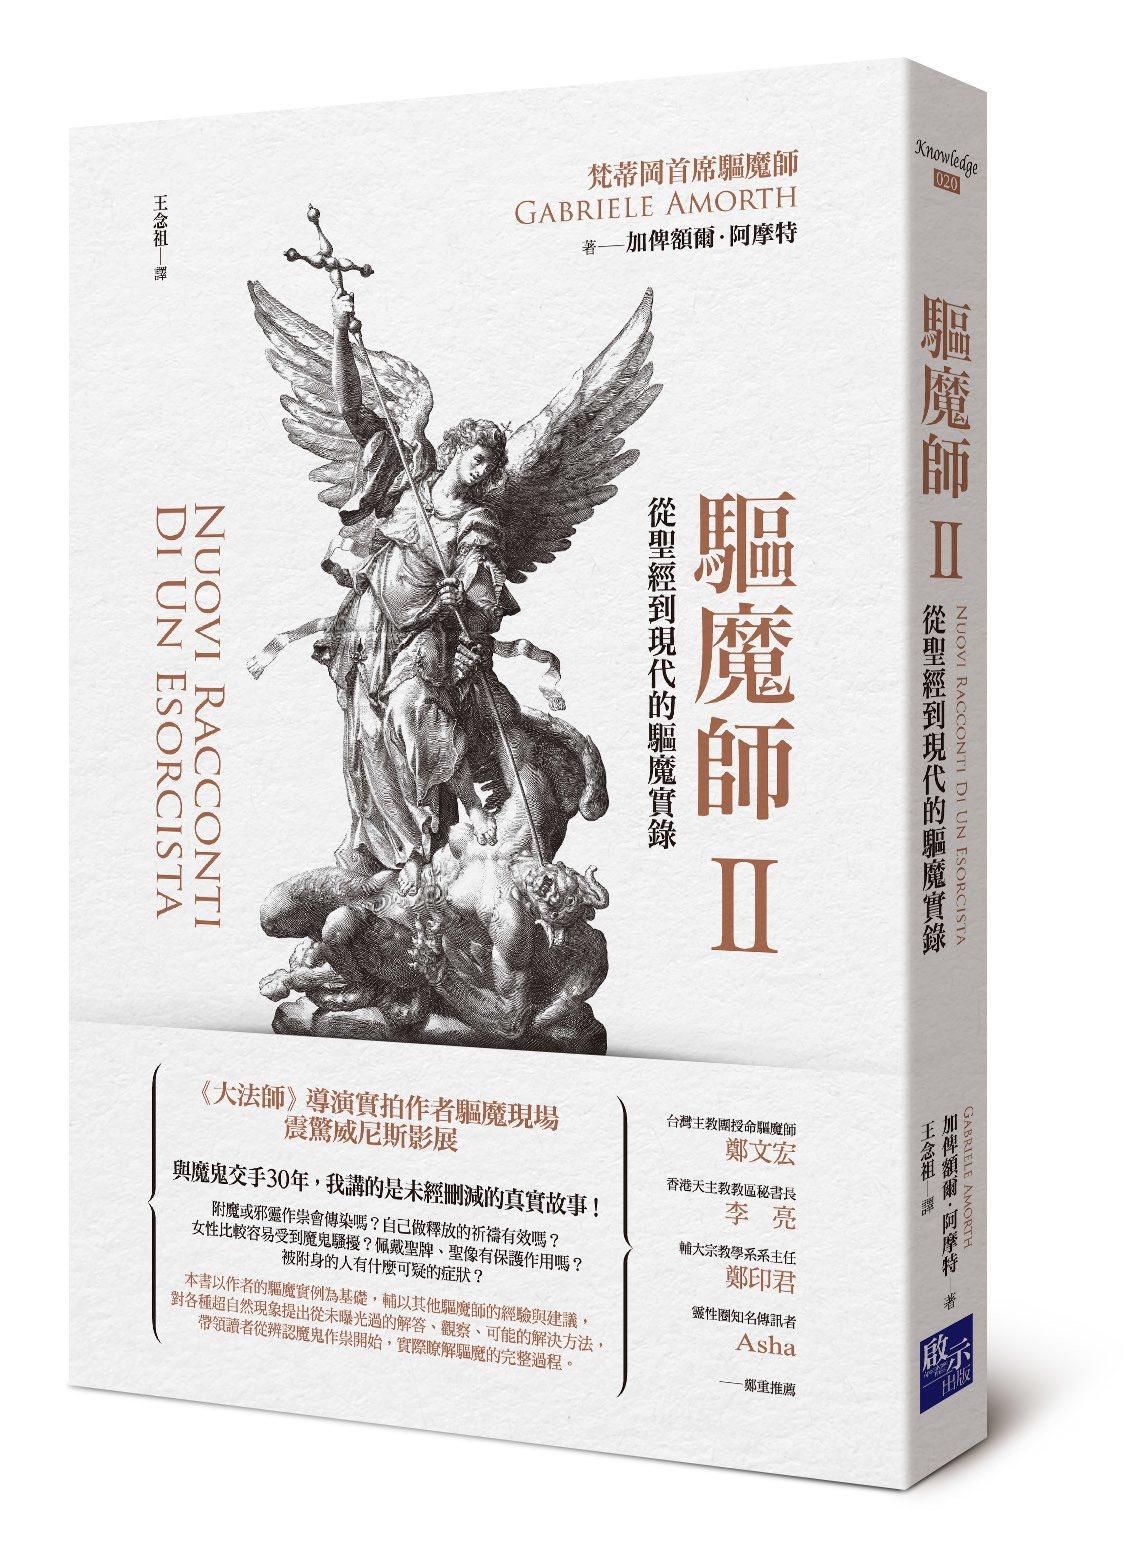 「驅魔師2:從聖經到現代的驅魔實錄」。圖/啟示出版提供